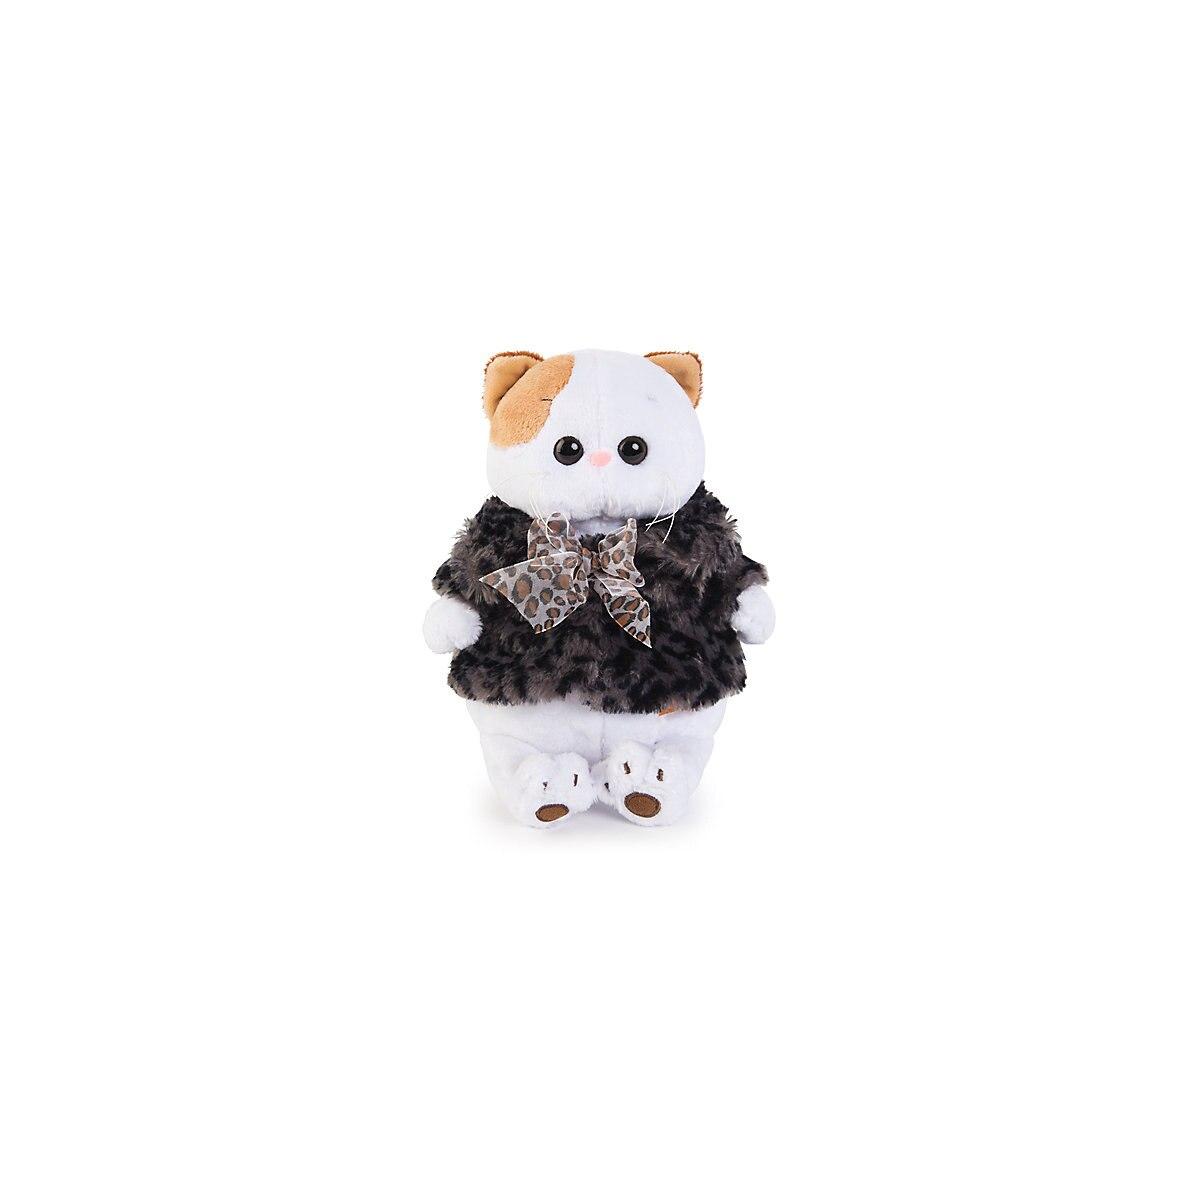 BUDI BASA peluche y felpa animales 10573376 gatos niñas suave juguete amigo animal juego Juguetes